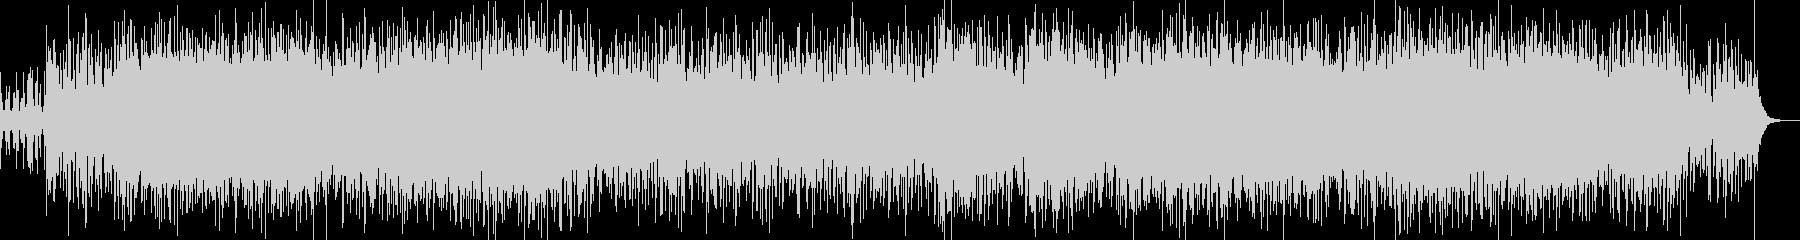 民族調+電子音=変な感じの未再生の波形